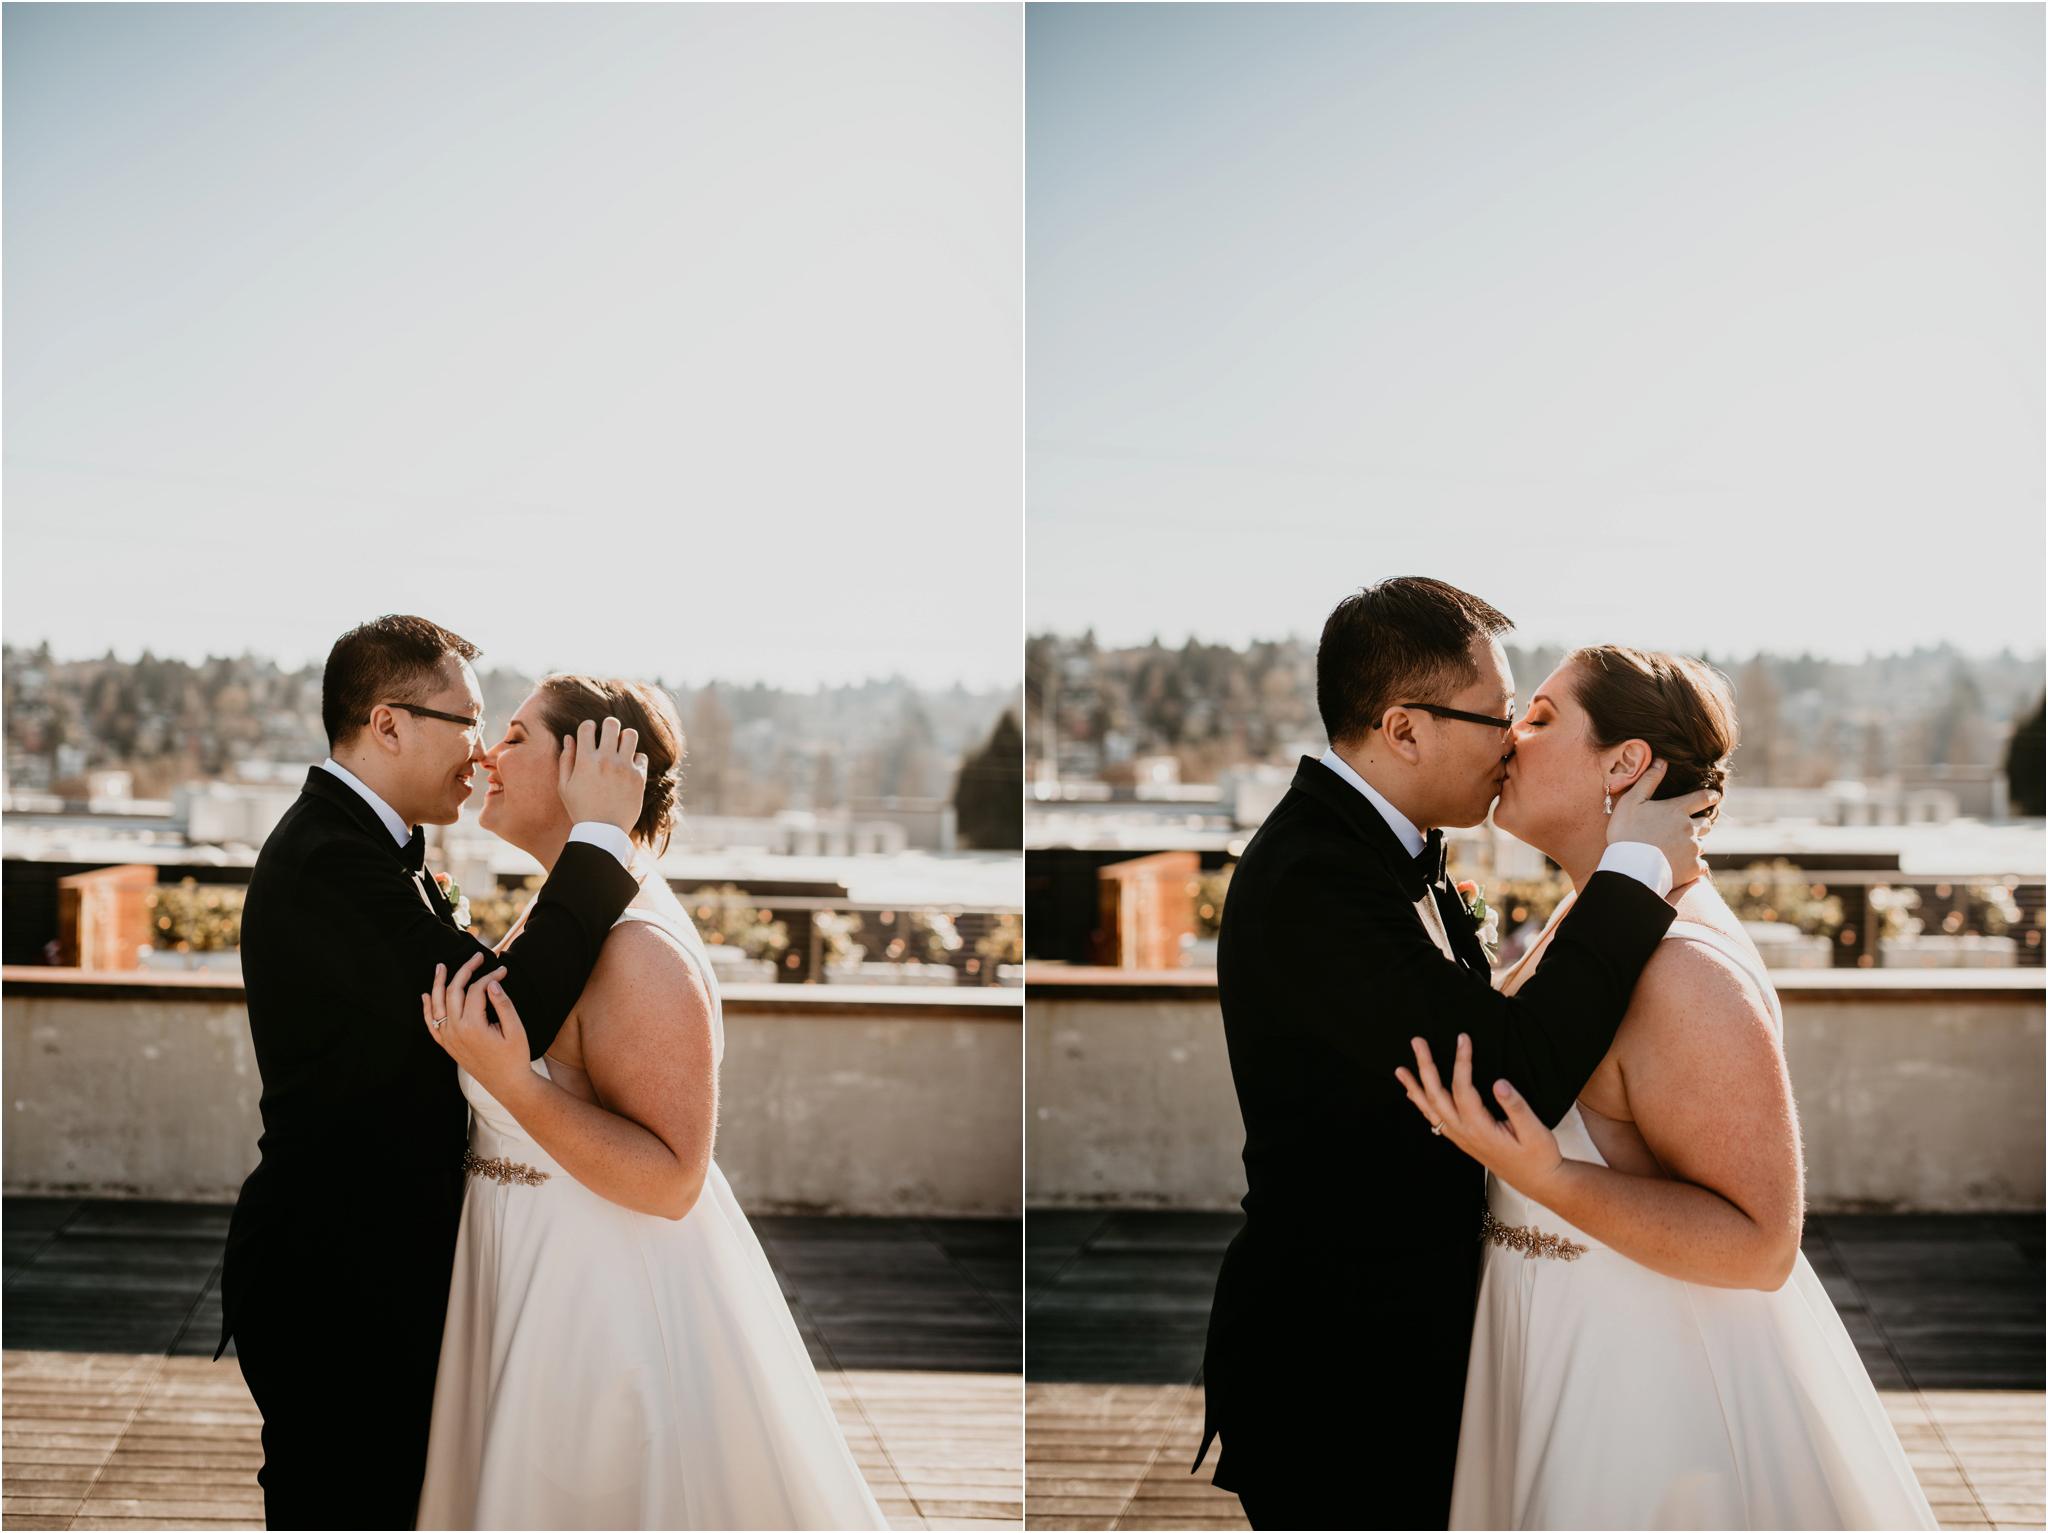 ashley-and-david-fremont-foundry-seattle-washington-wedding-photographer-033.jpg